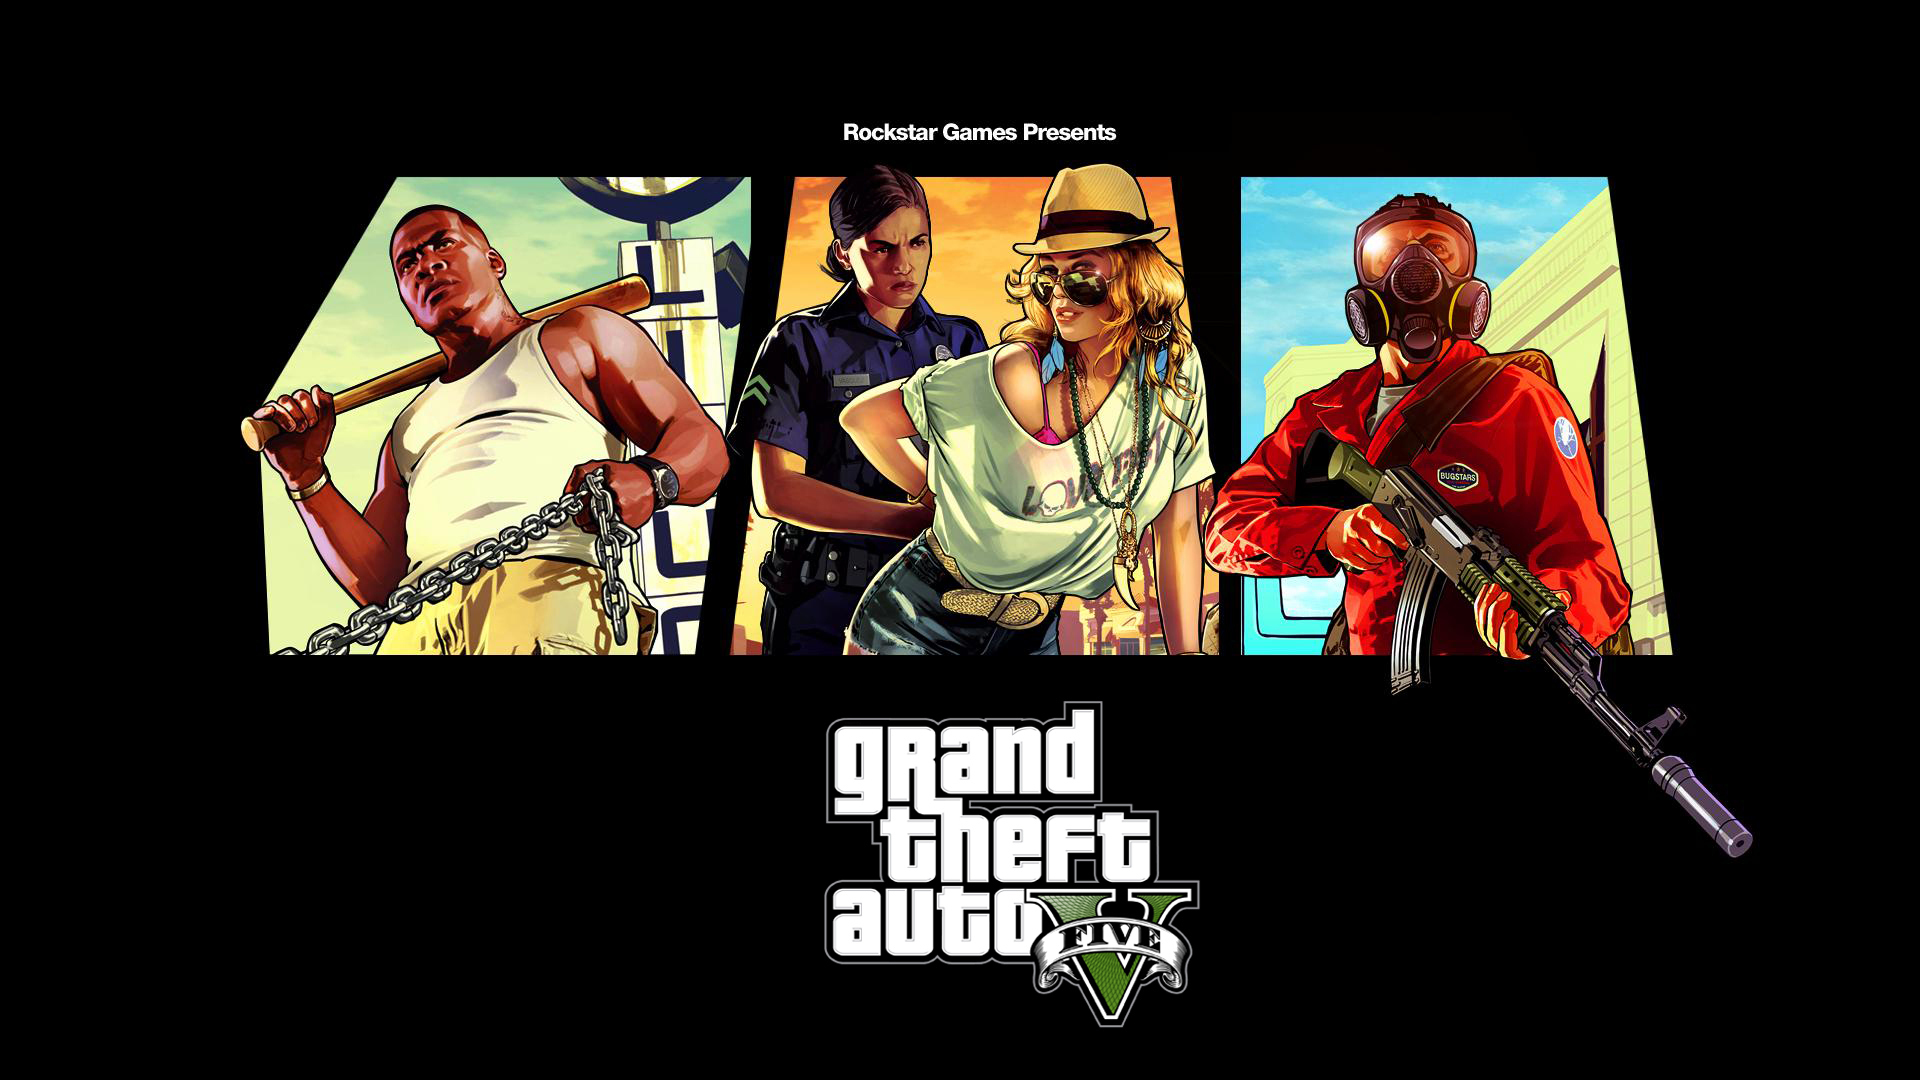 La première sortie de Grand Theft Auto ouGTA date de 1997. Le jeu était en vue de dessus et vous deviez enchaîner une succession de missions. Déjà à cette époque […]